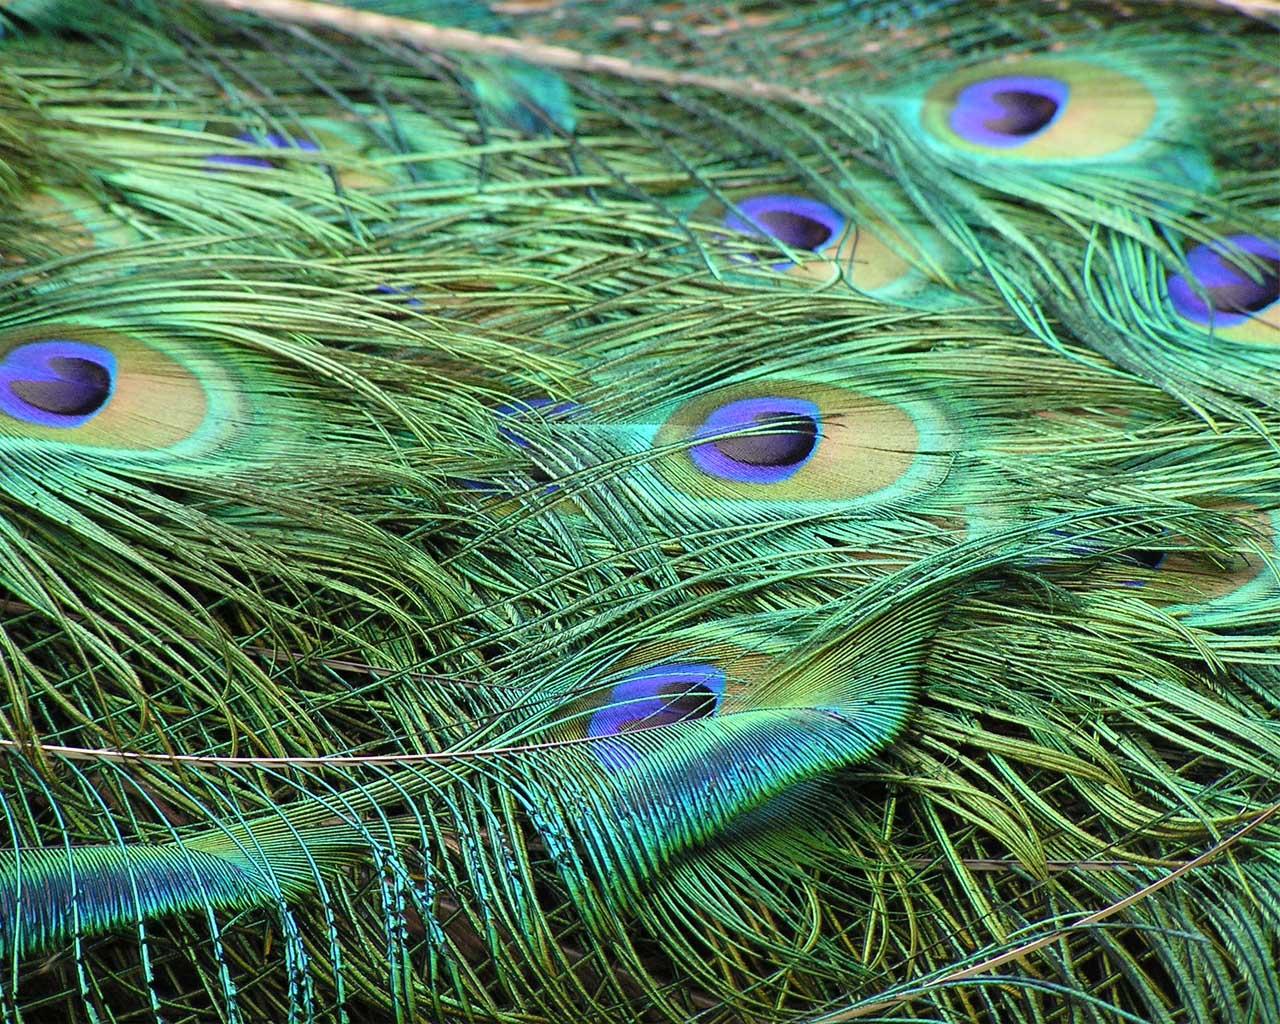 Peacock Feather Desktop Wallpaper Peacock Feather Wallpa...